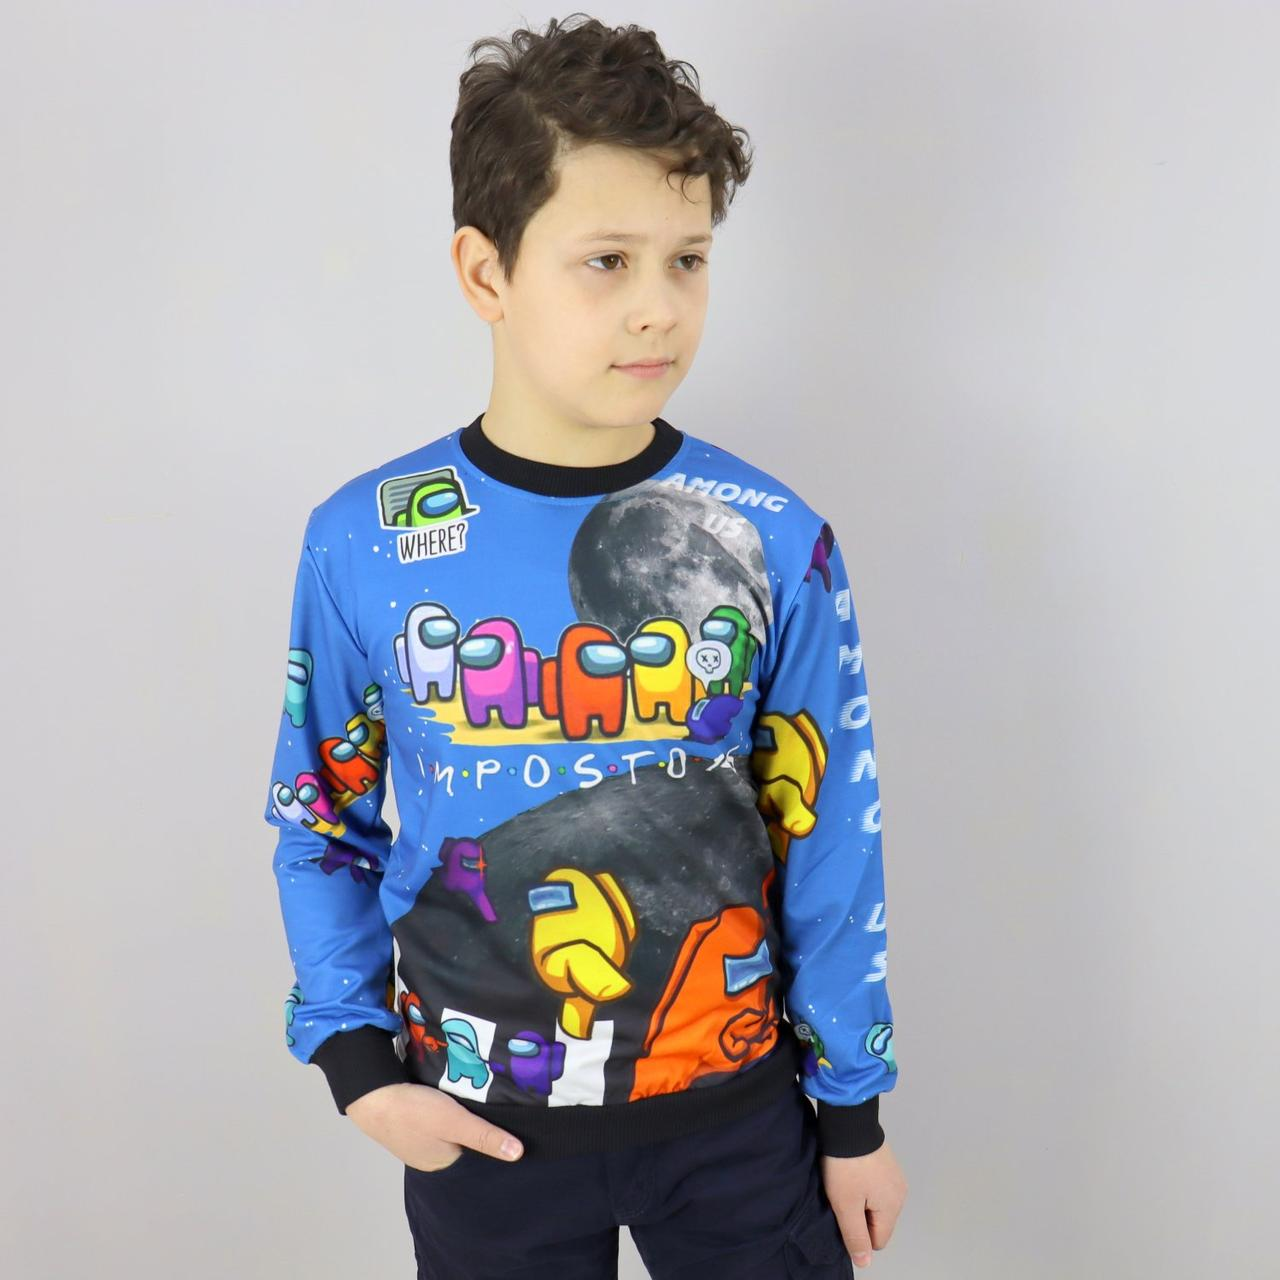 26884син Світшот для хлопчиків AMONG US синій тм MUKO розмір 7-8,9-10,10-11,12-13,13-14 років